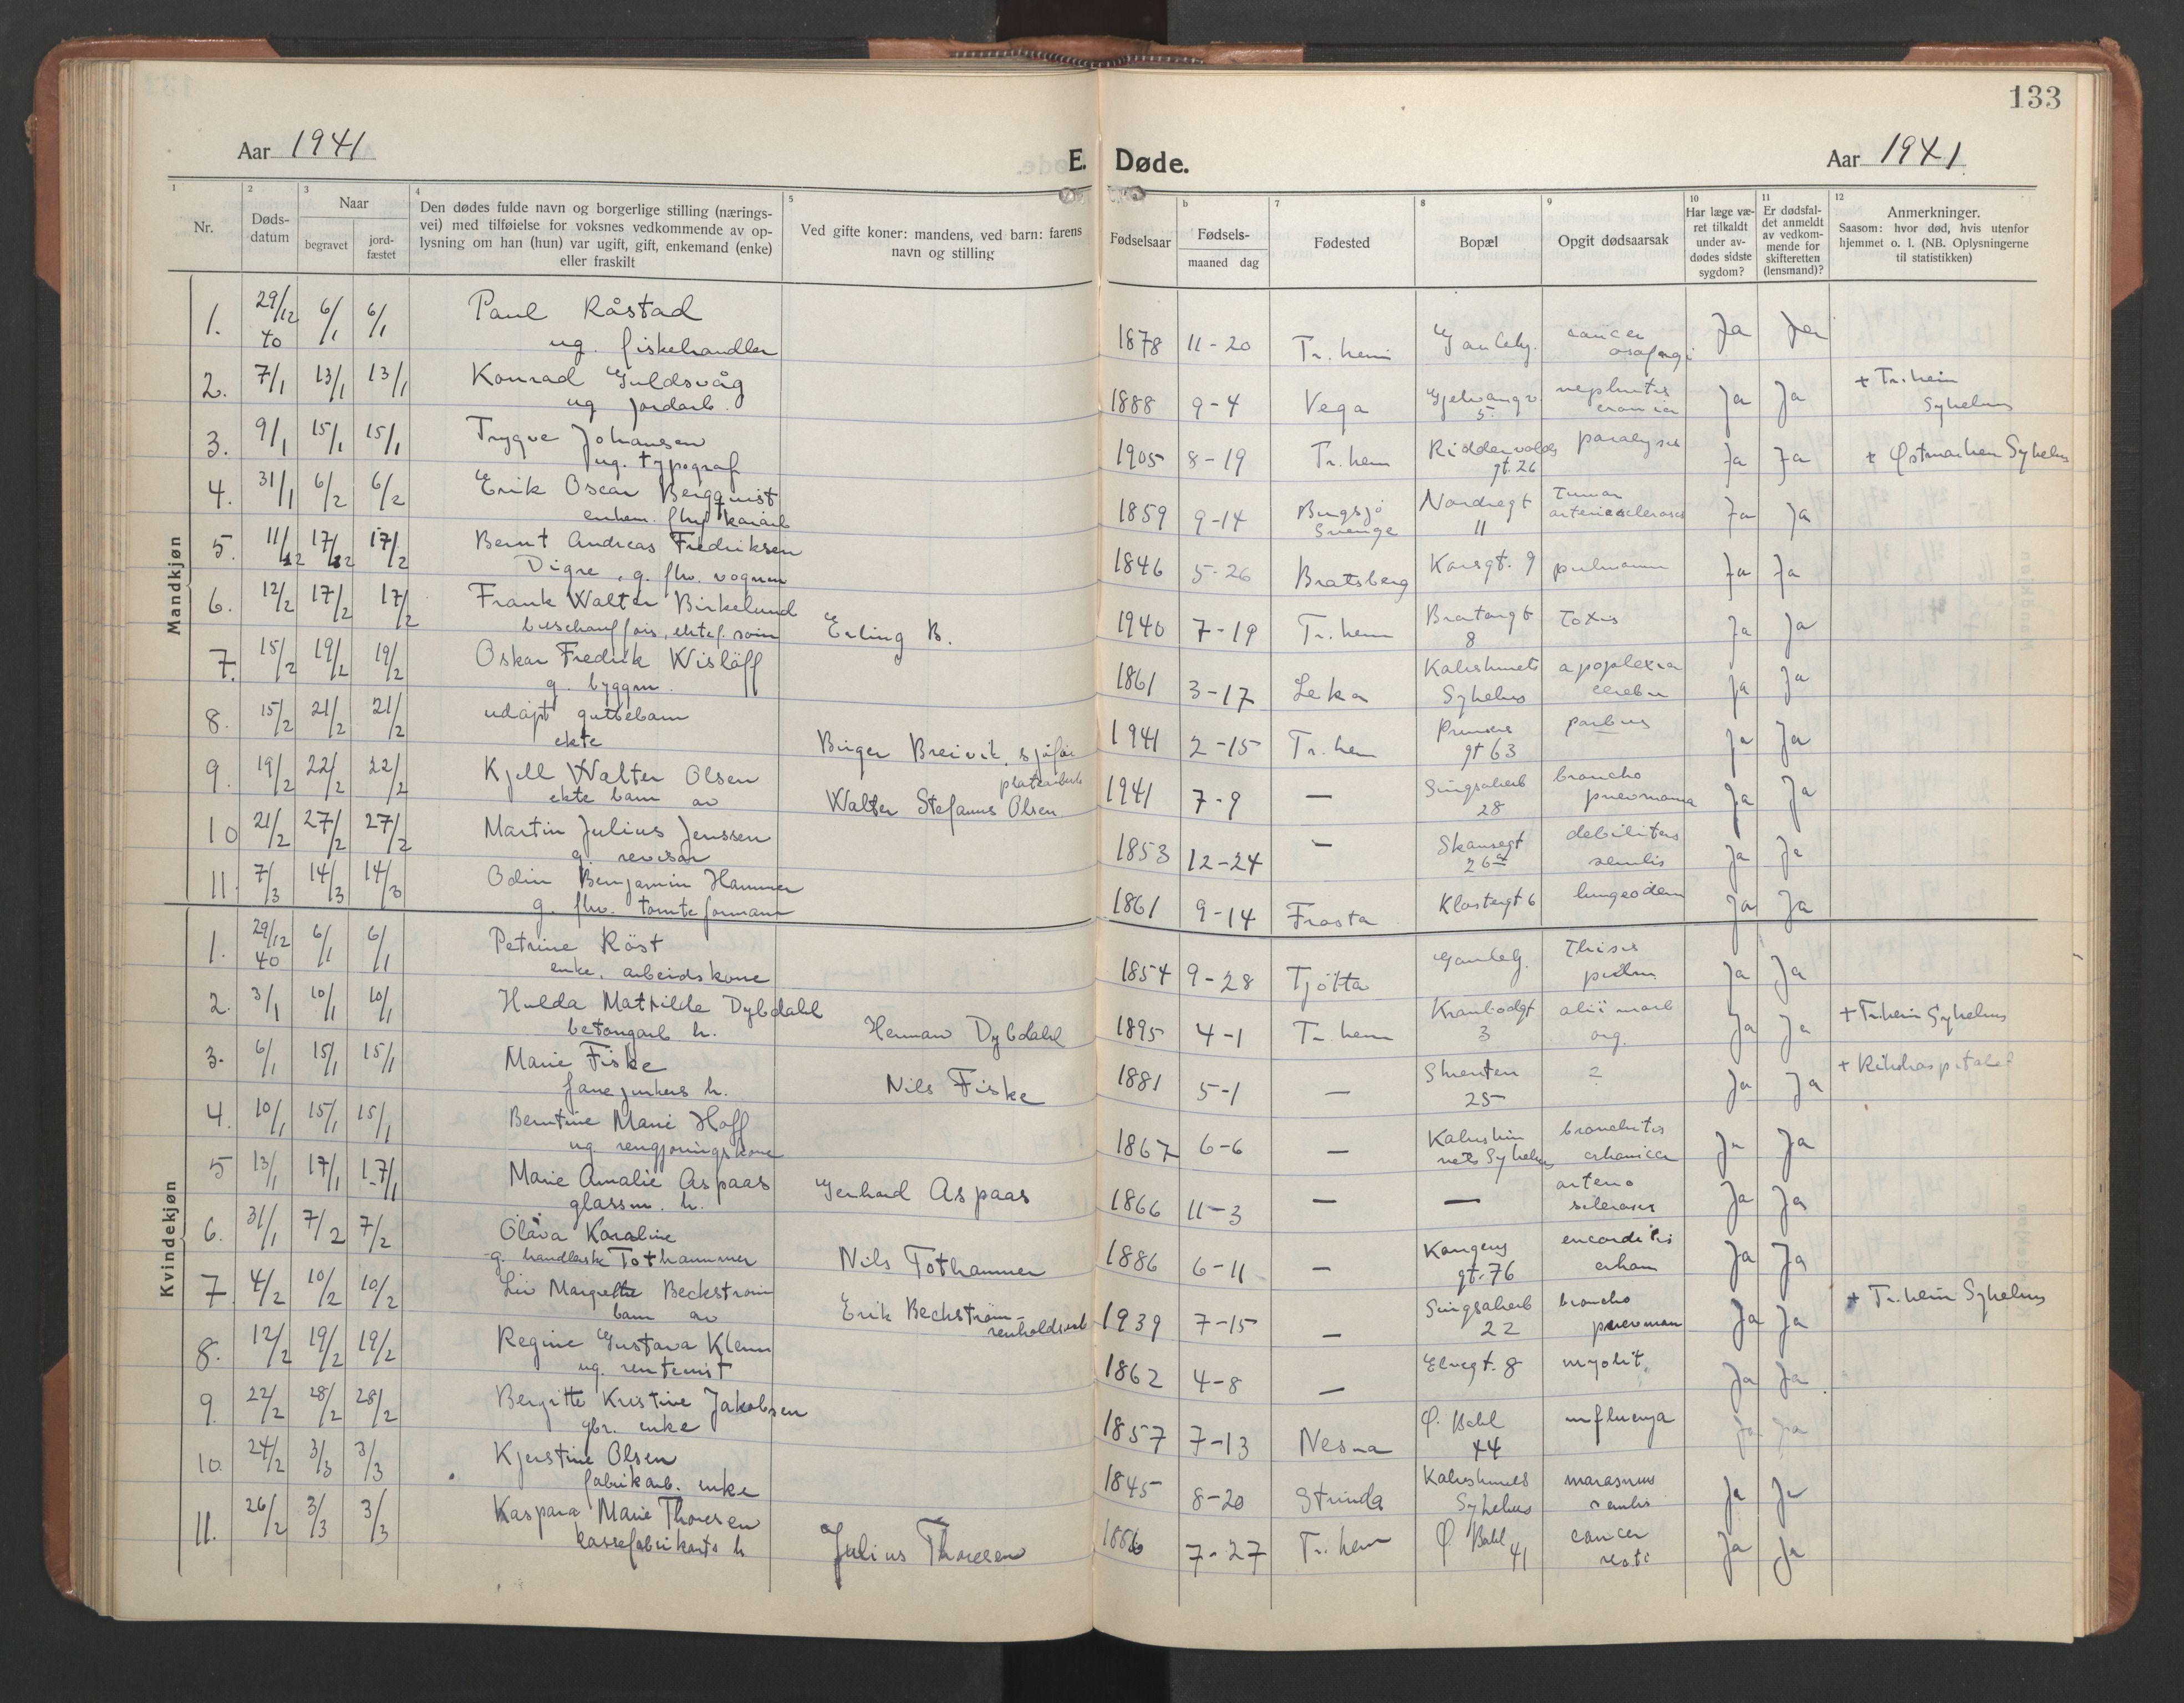 SAT, Ministerialprotokoller, klokkerbøker og fødselsregistre - Sør-Trøndelag, 602/L0150: Klokkerbok nr. 602C18, 1922-1949, s. 133